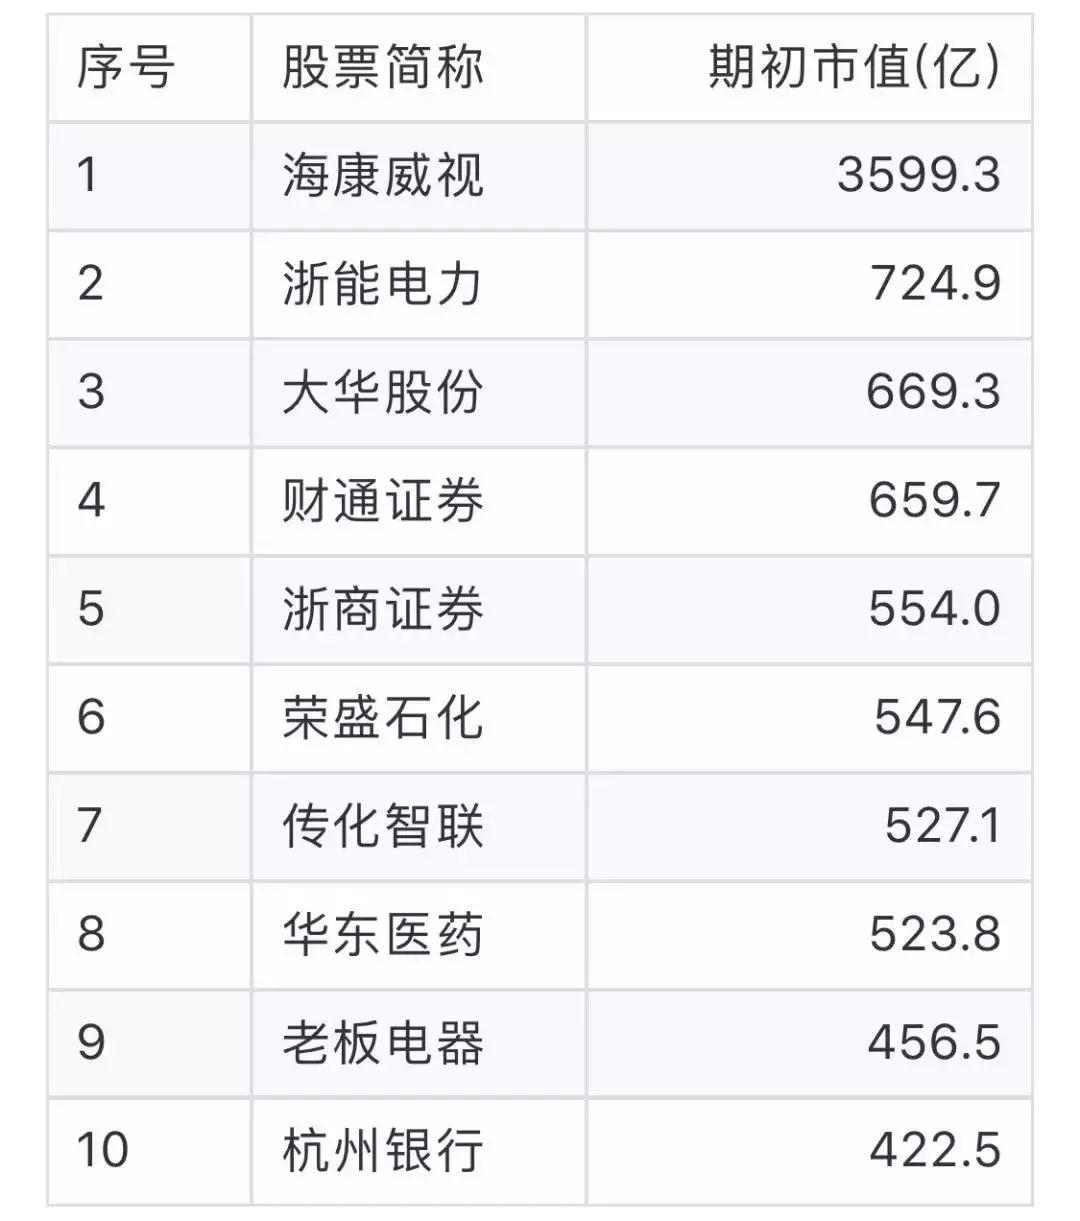 上海gdp比香港_最新人均GDP排名:香港第1,南京第7,上海第10,武汉超厦门